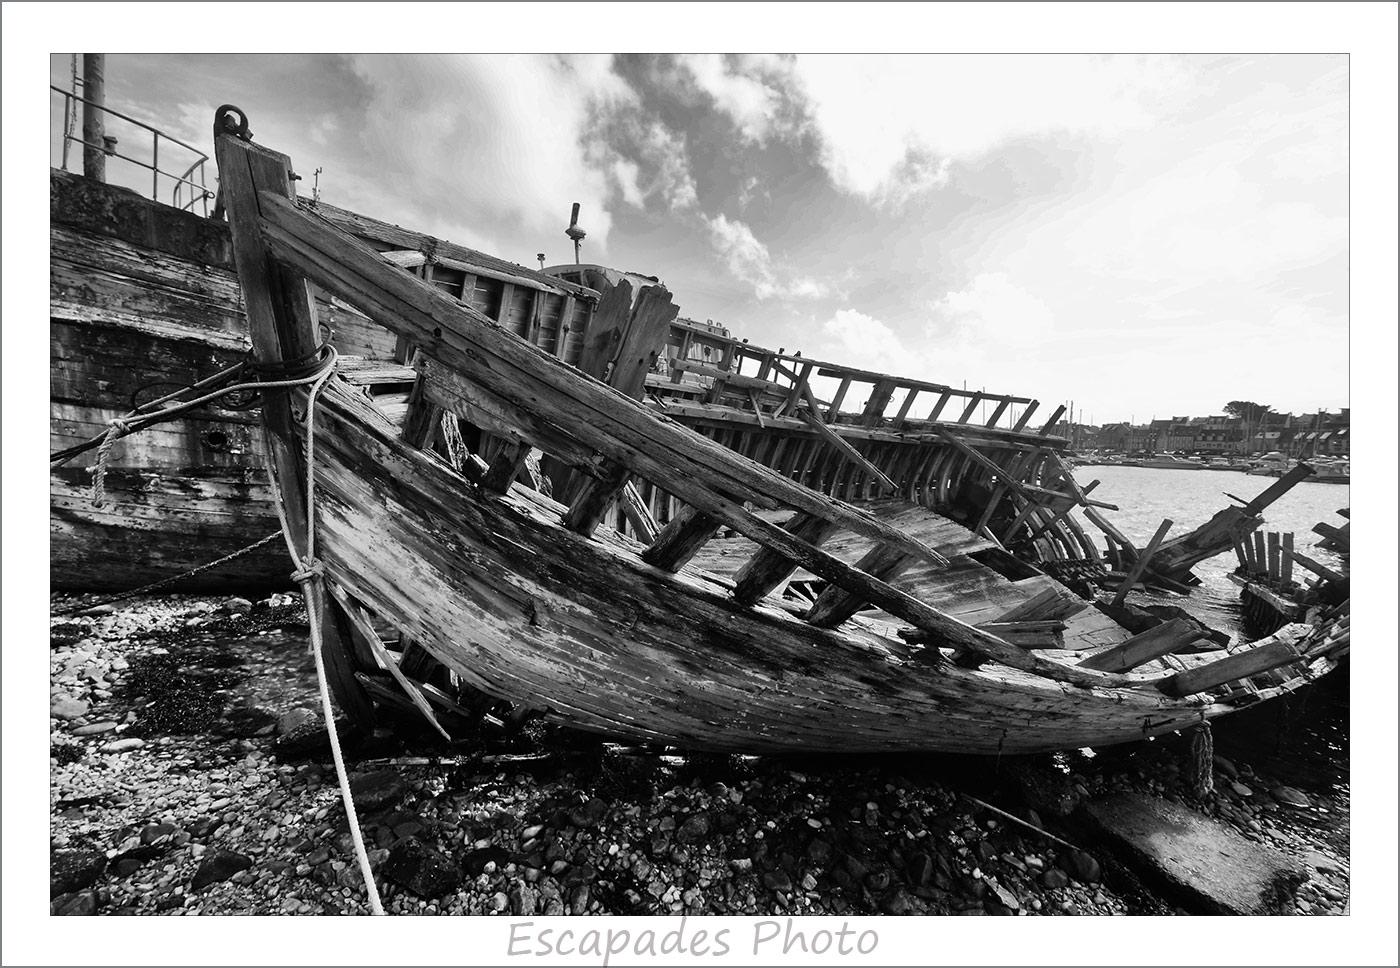 Le sillon - carcasse d'un bateau de bois